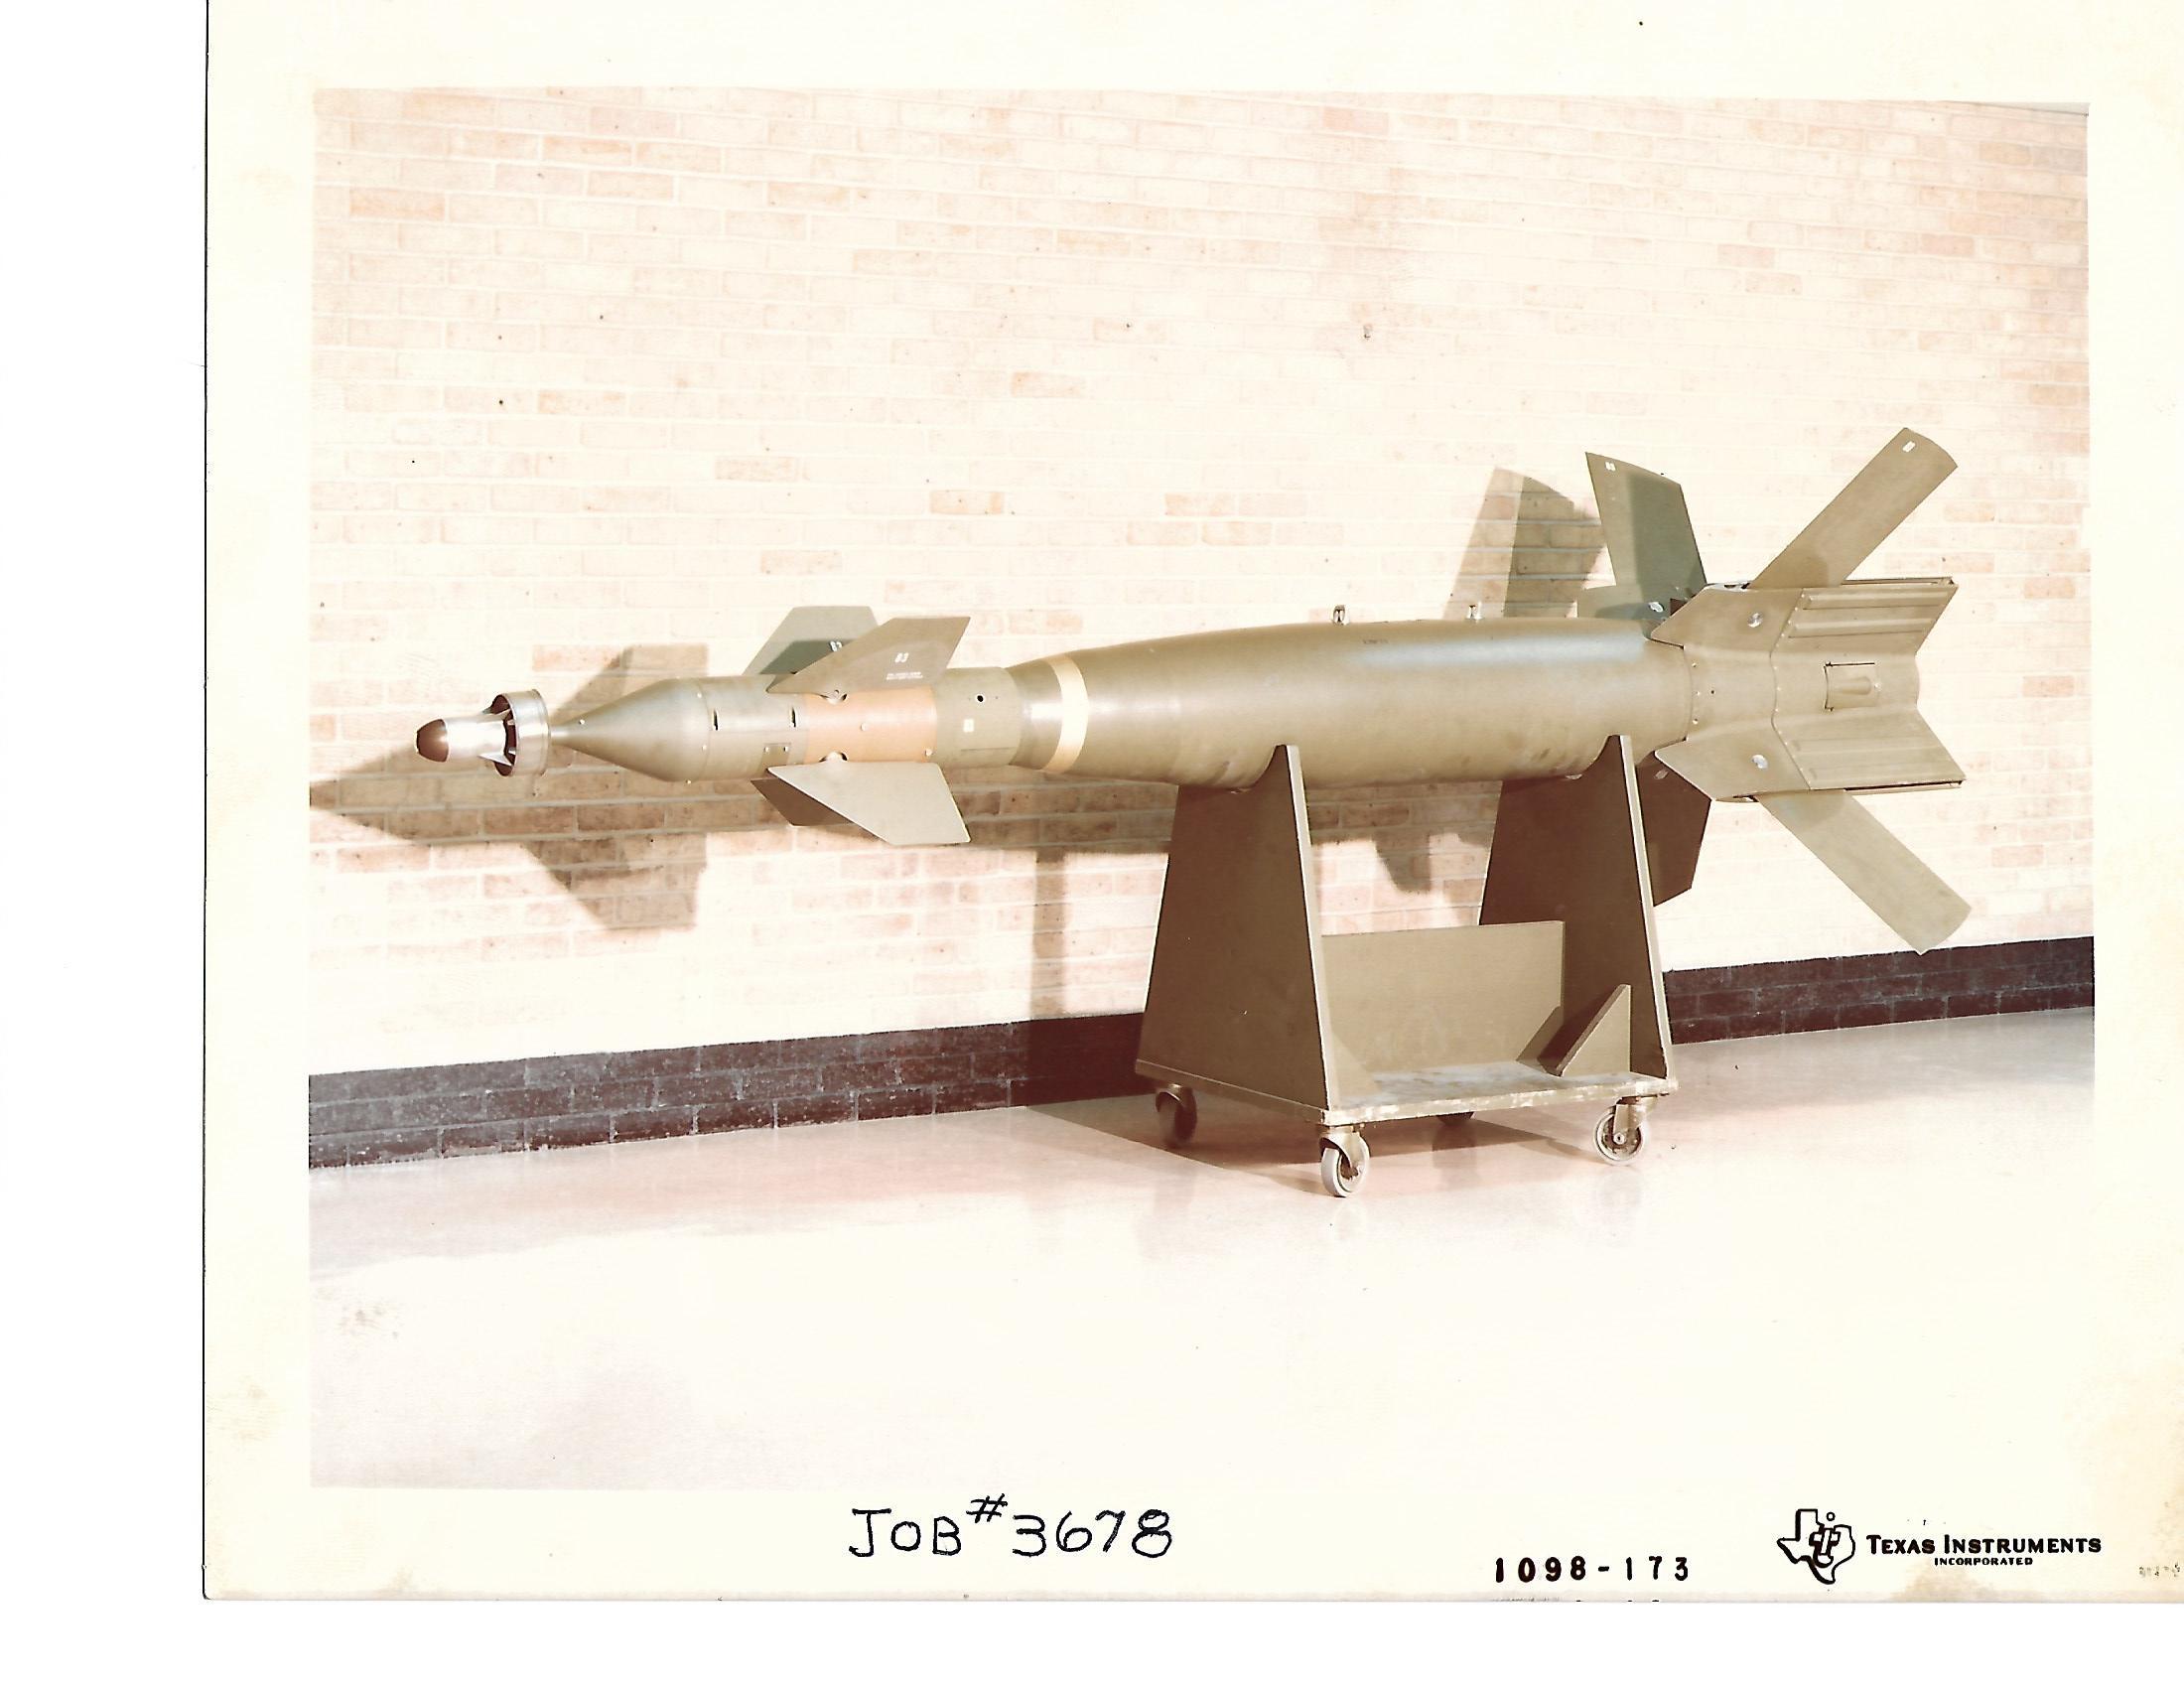 TX. Instruments GBU-12 Paveway II